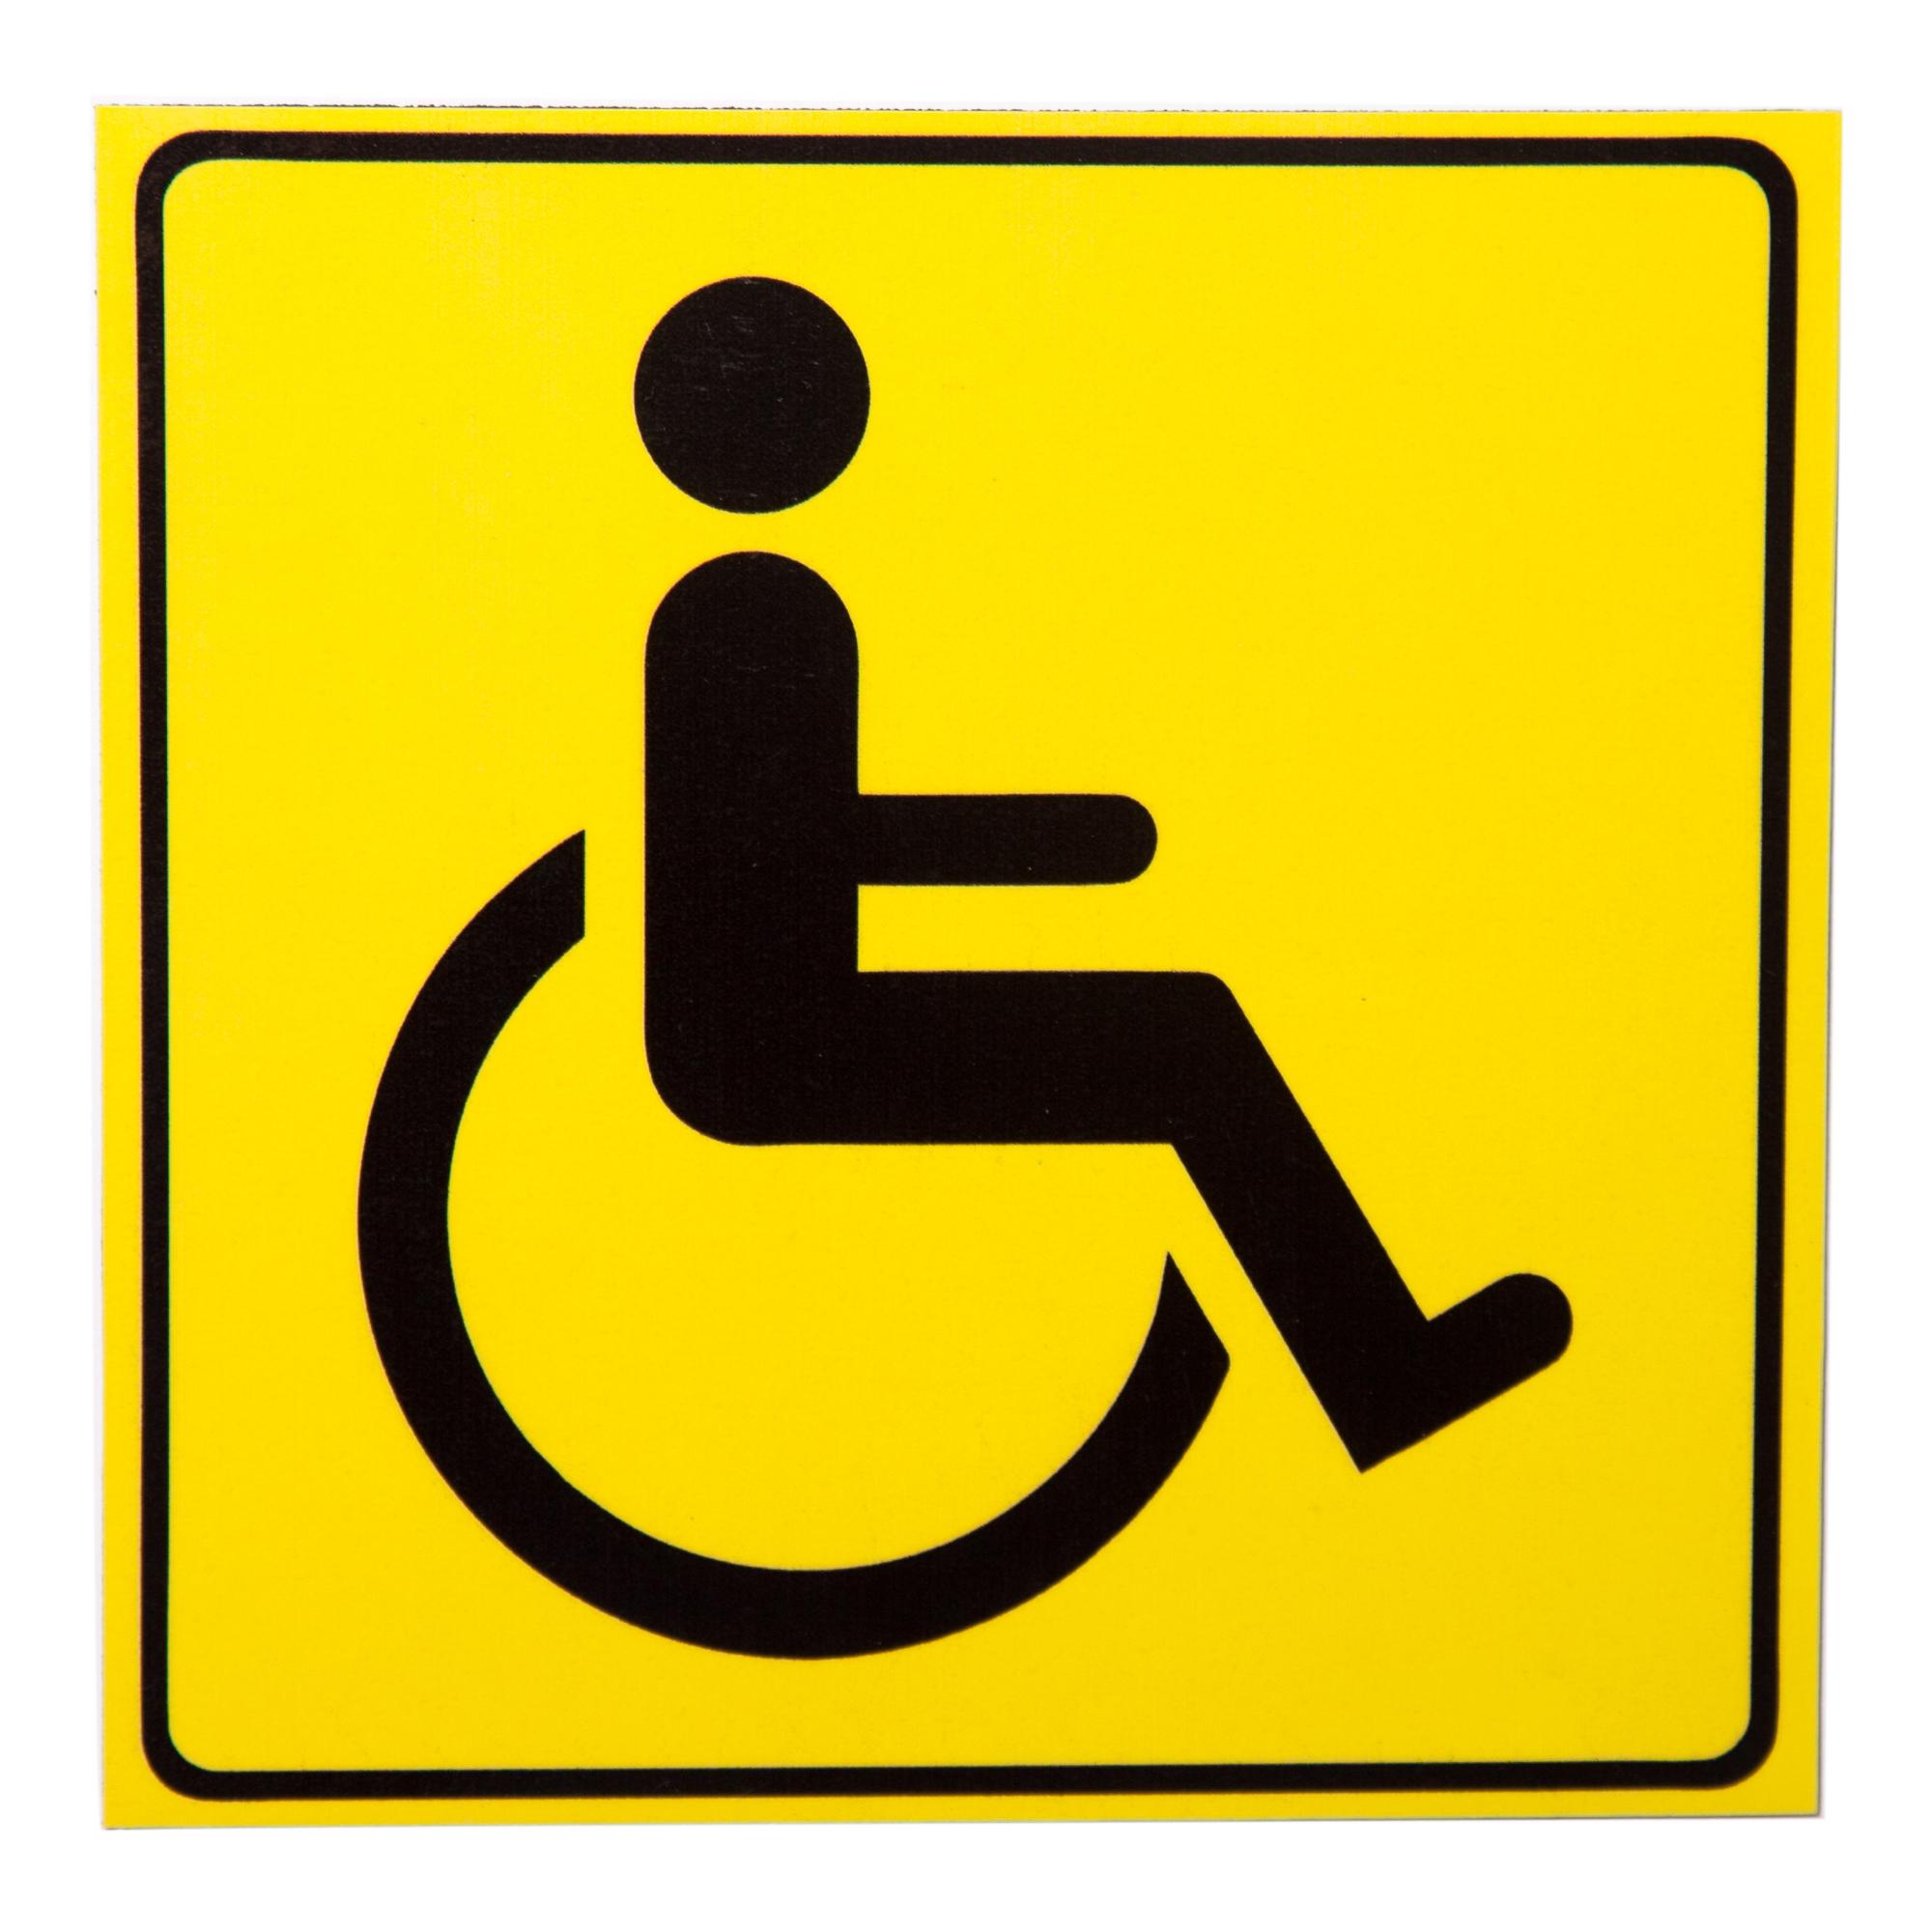 Магнит для автомобиля Оранжевый Слоник ИнвалидMA001RGBМагнит на автомобиль Инвалид позволяет парковаться на парковке для инвалидов (при наличии соответствующих документов).